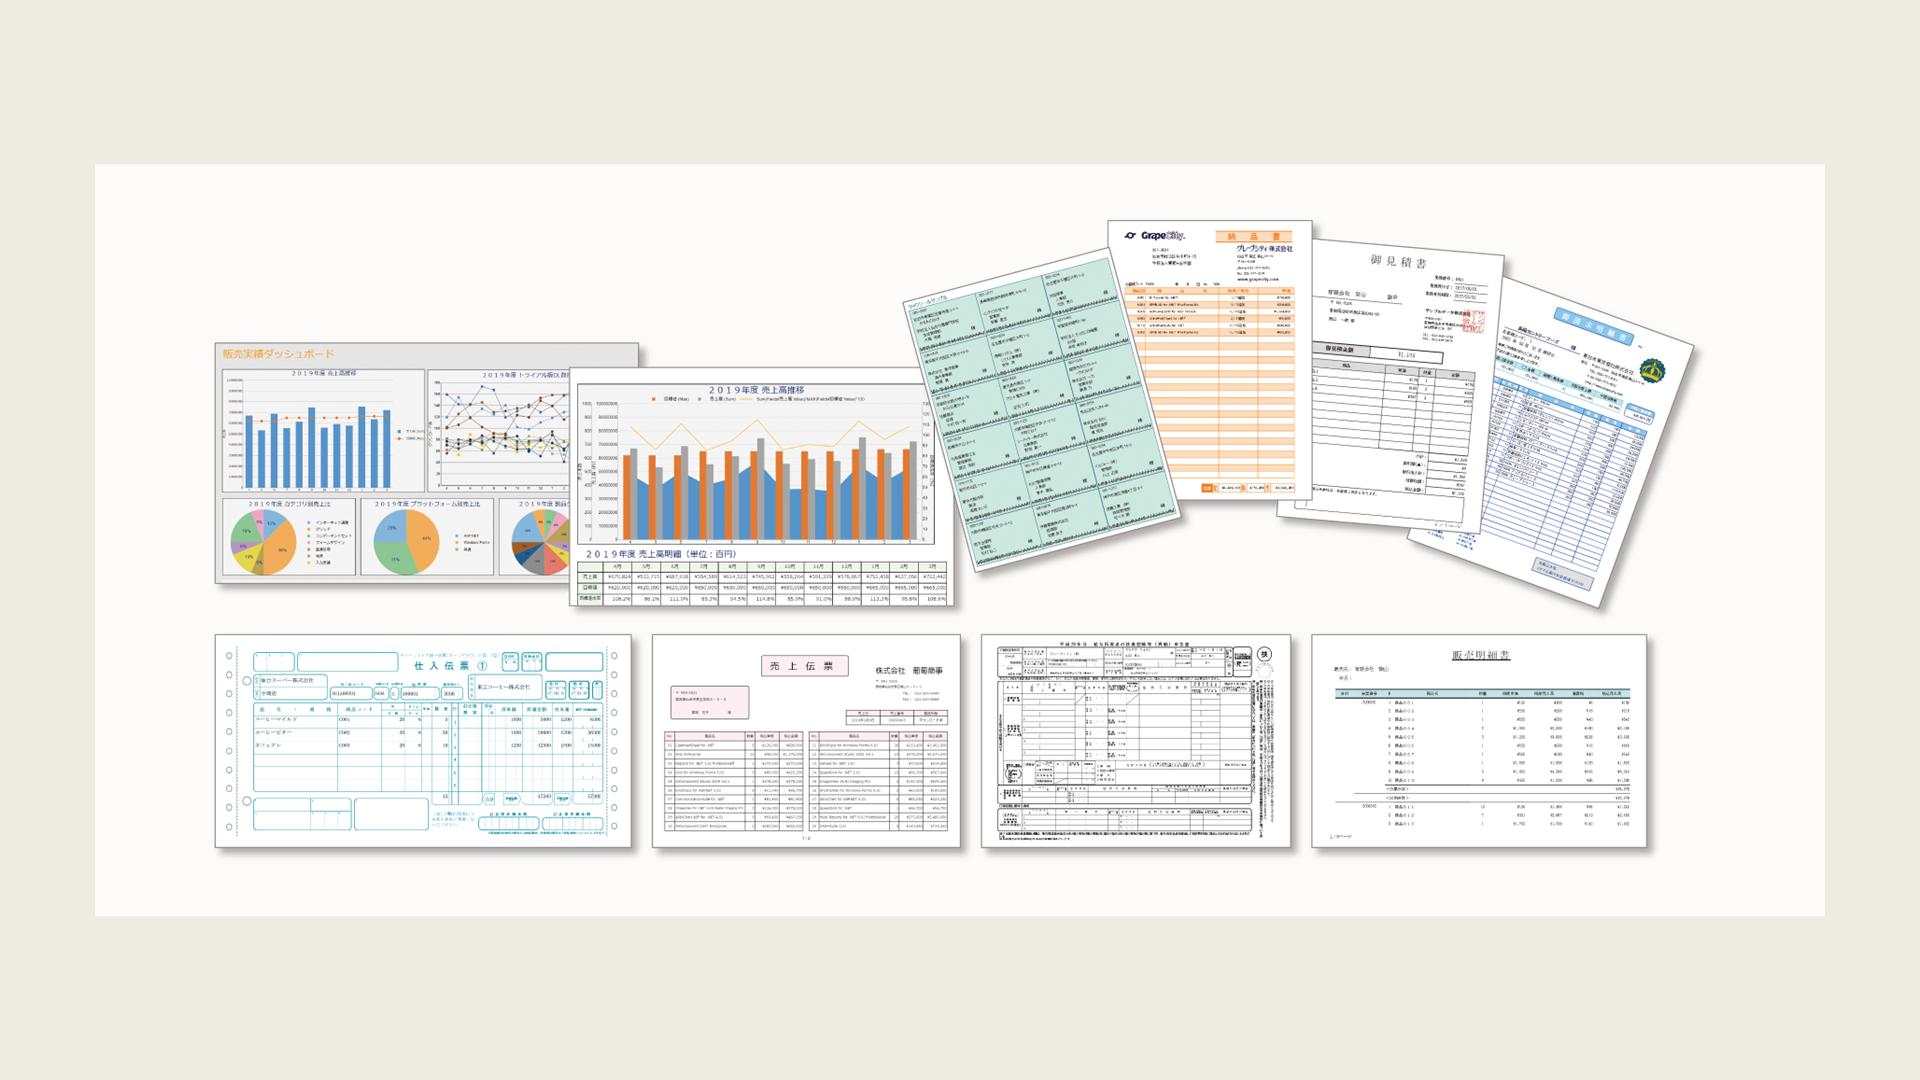 帳票作成をもっと簡単に!用途で選ぶグレープシティの帳票開発ツール